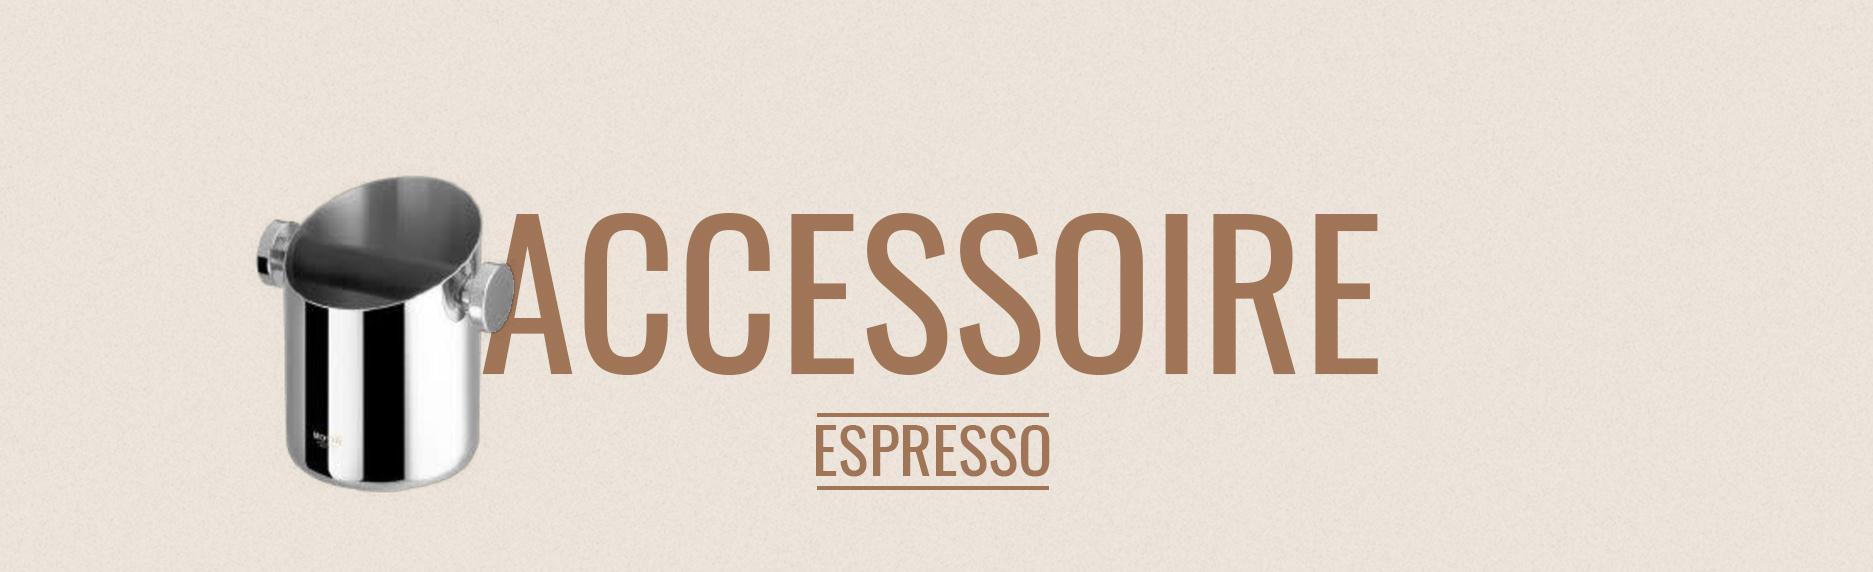 Accessoires pour machine Espresso